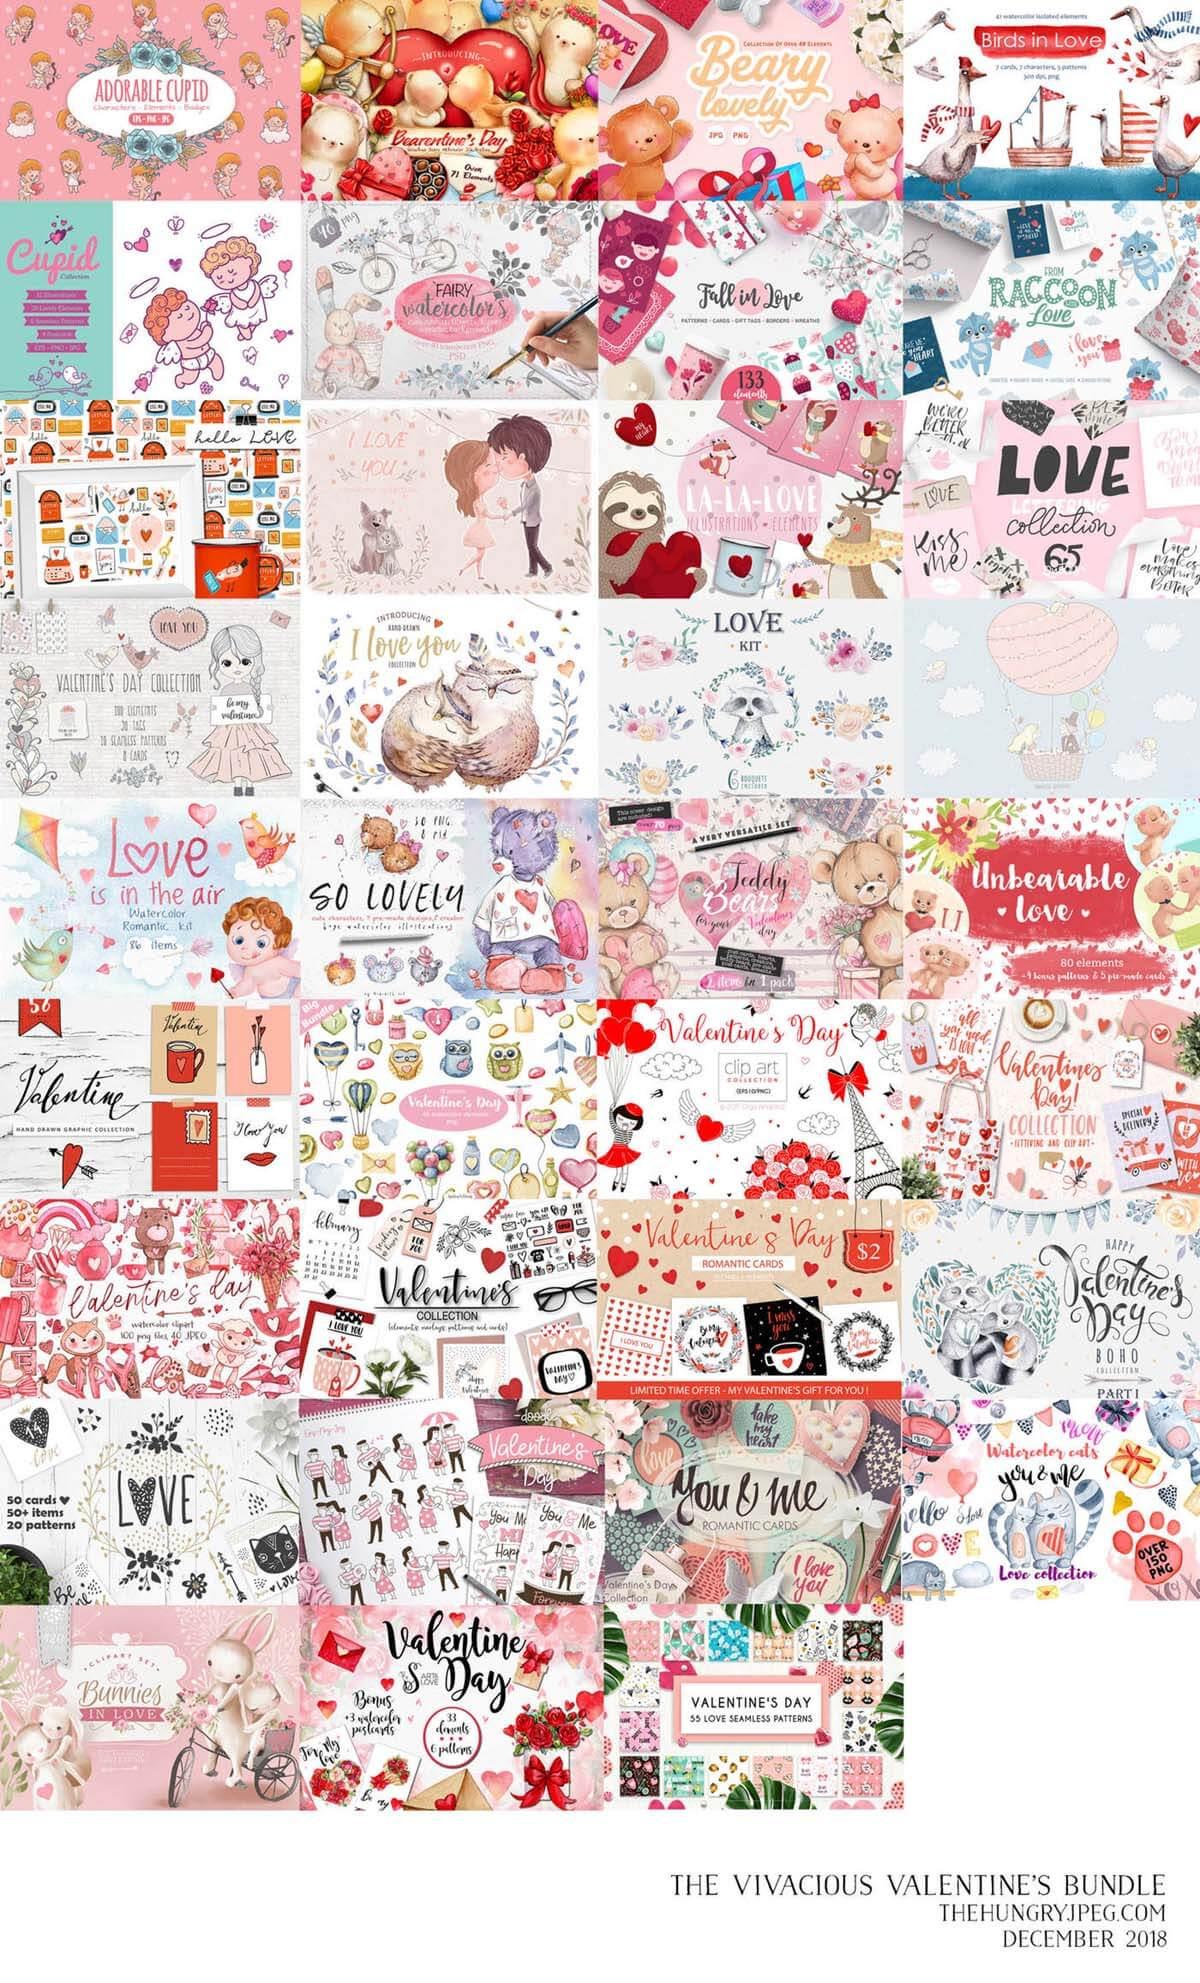 The Vivacious Valentines Bundle